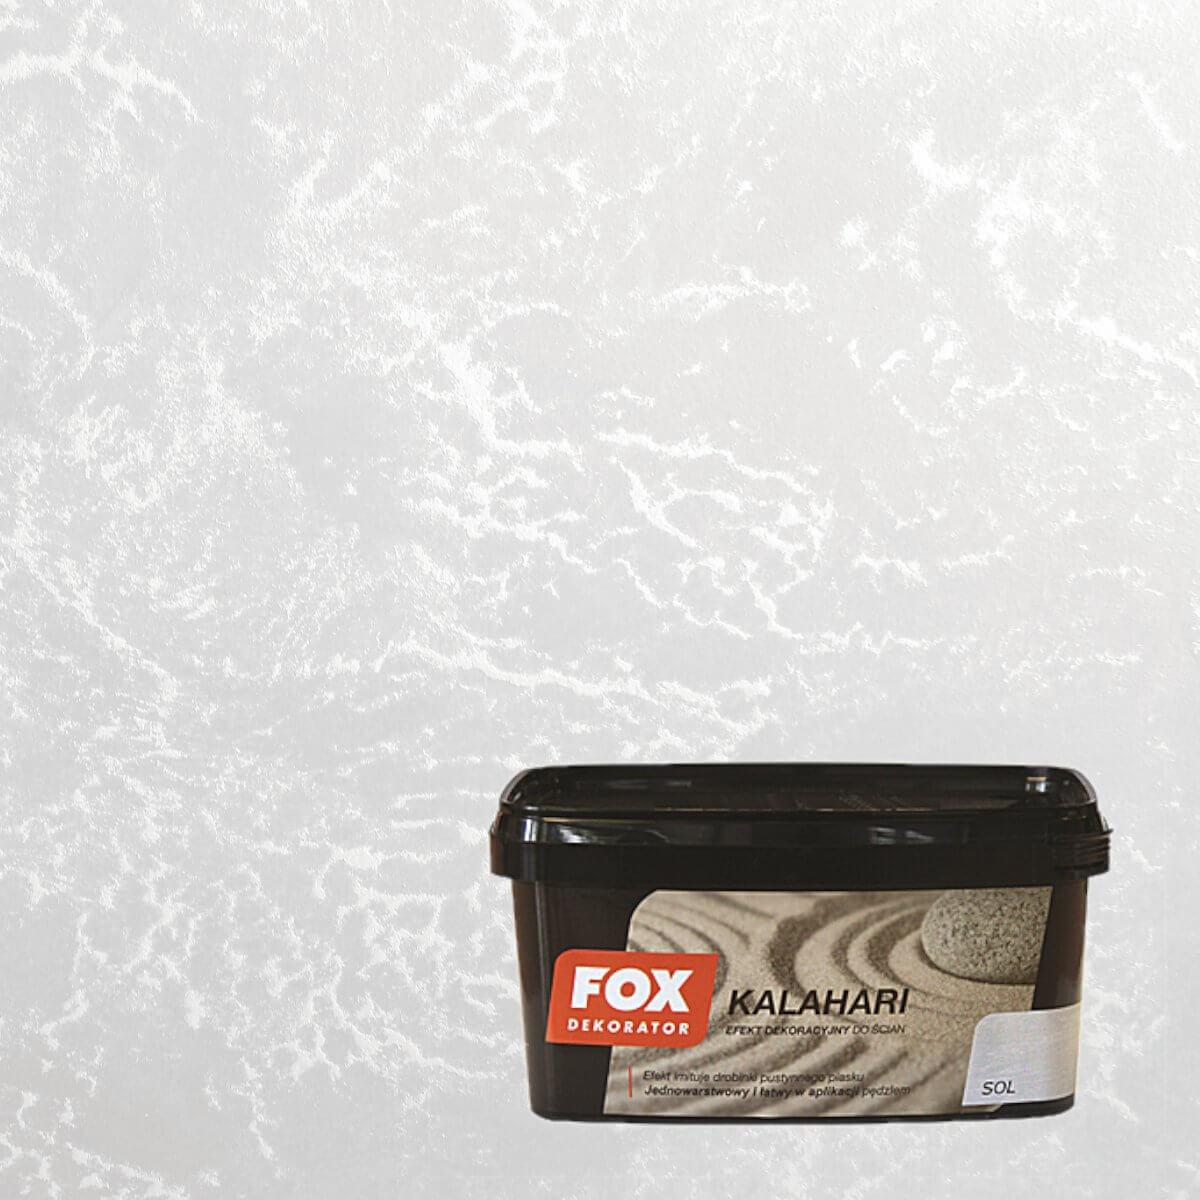 Farba Dekoracyjna Kalahari Sol 1l Fox